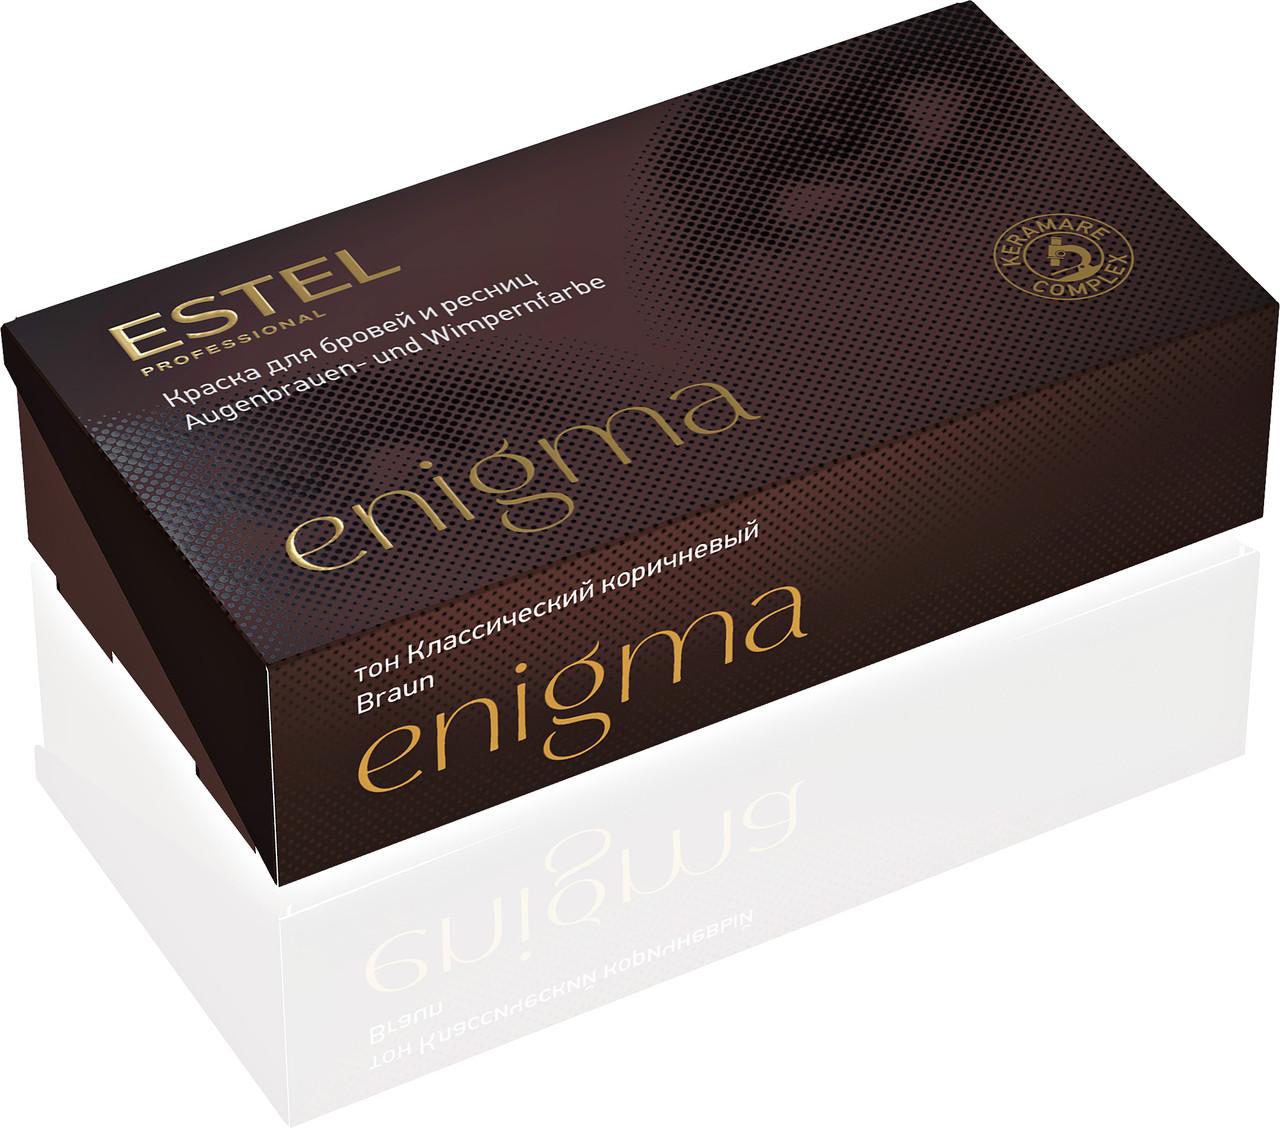 Estel Professional Enigma Коричневый